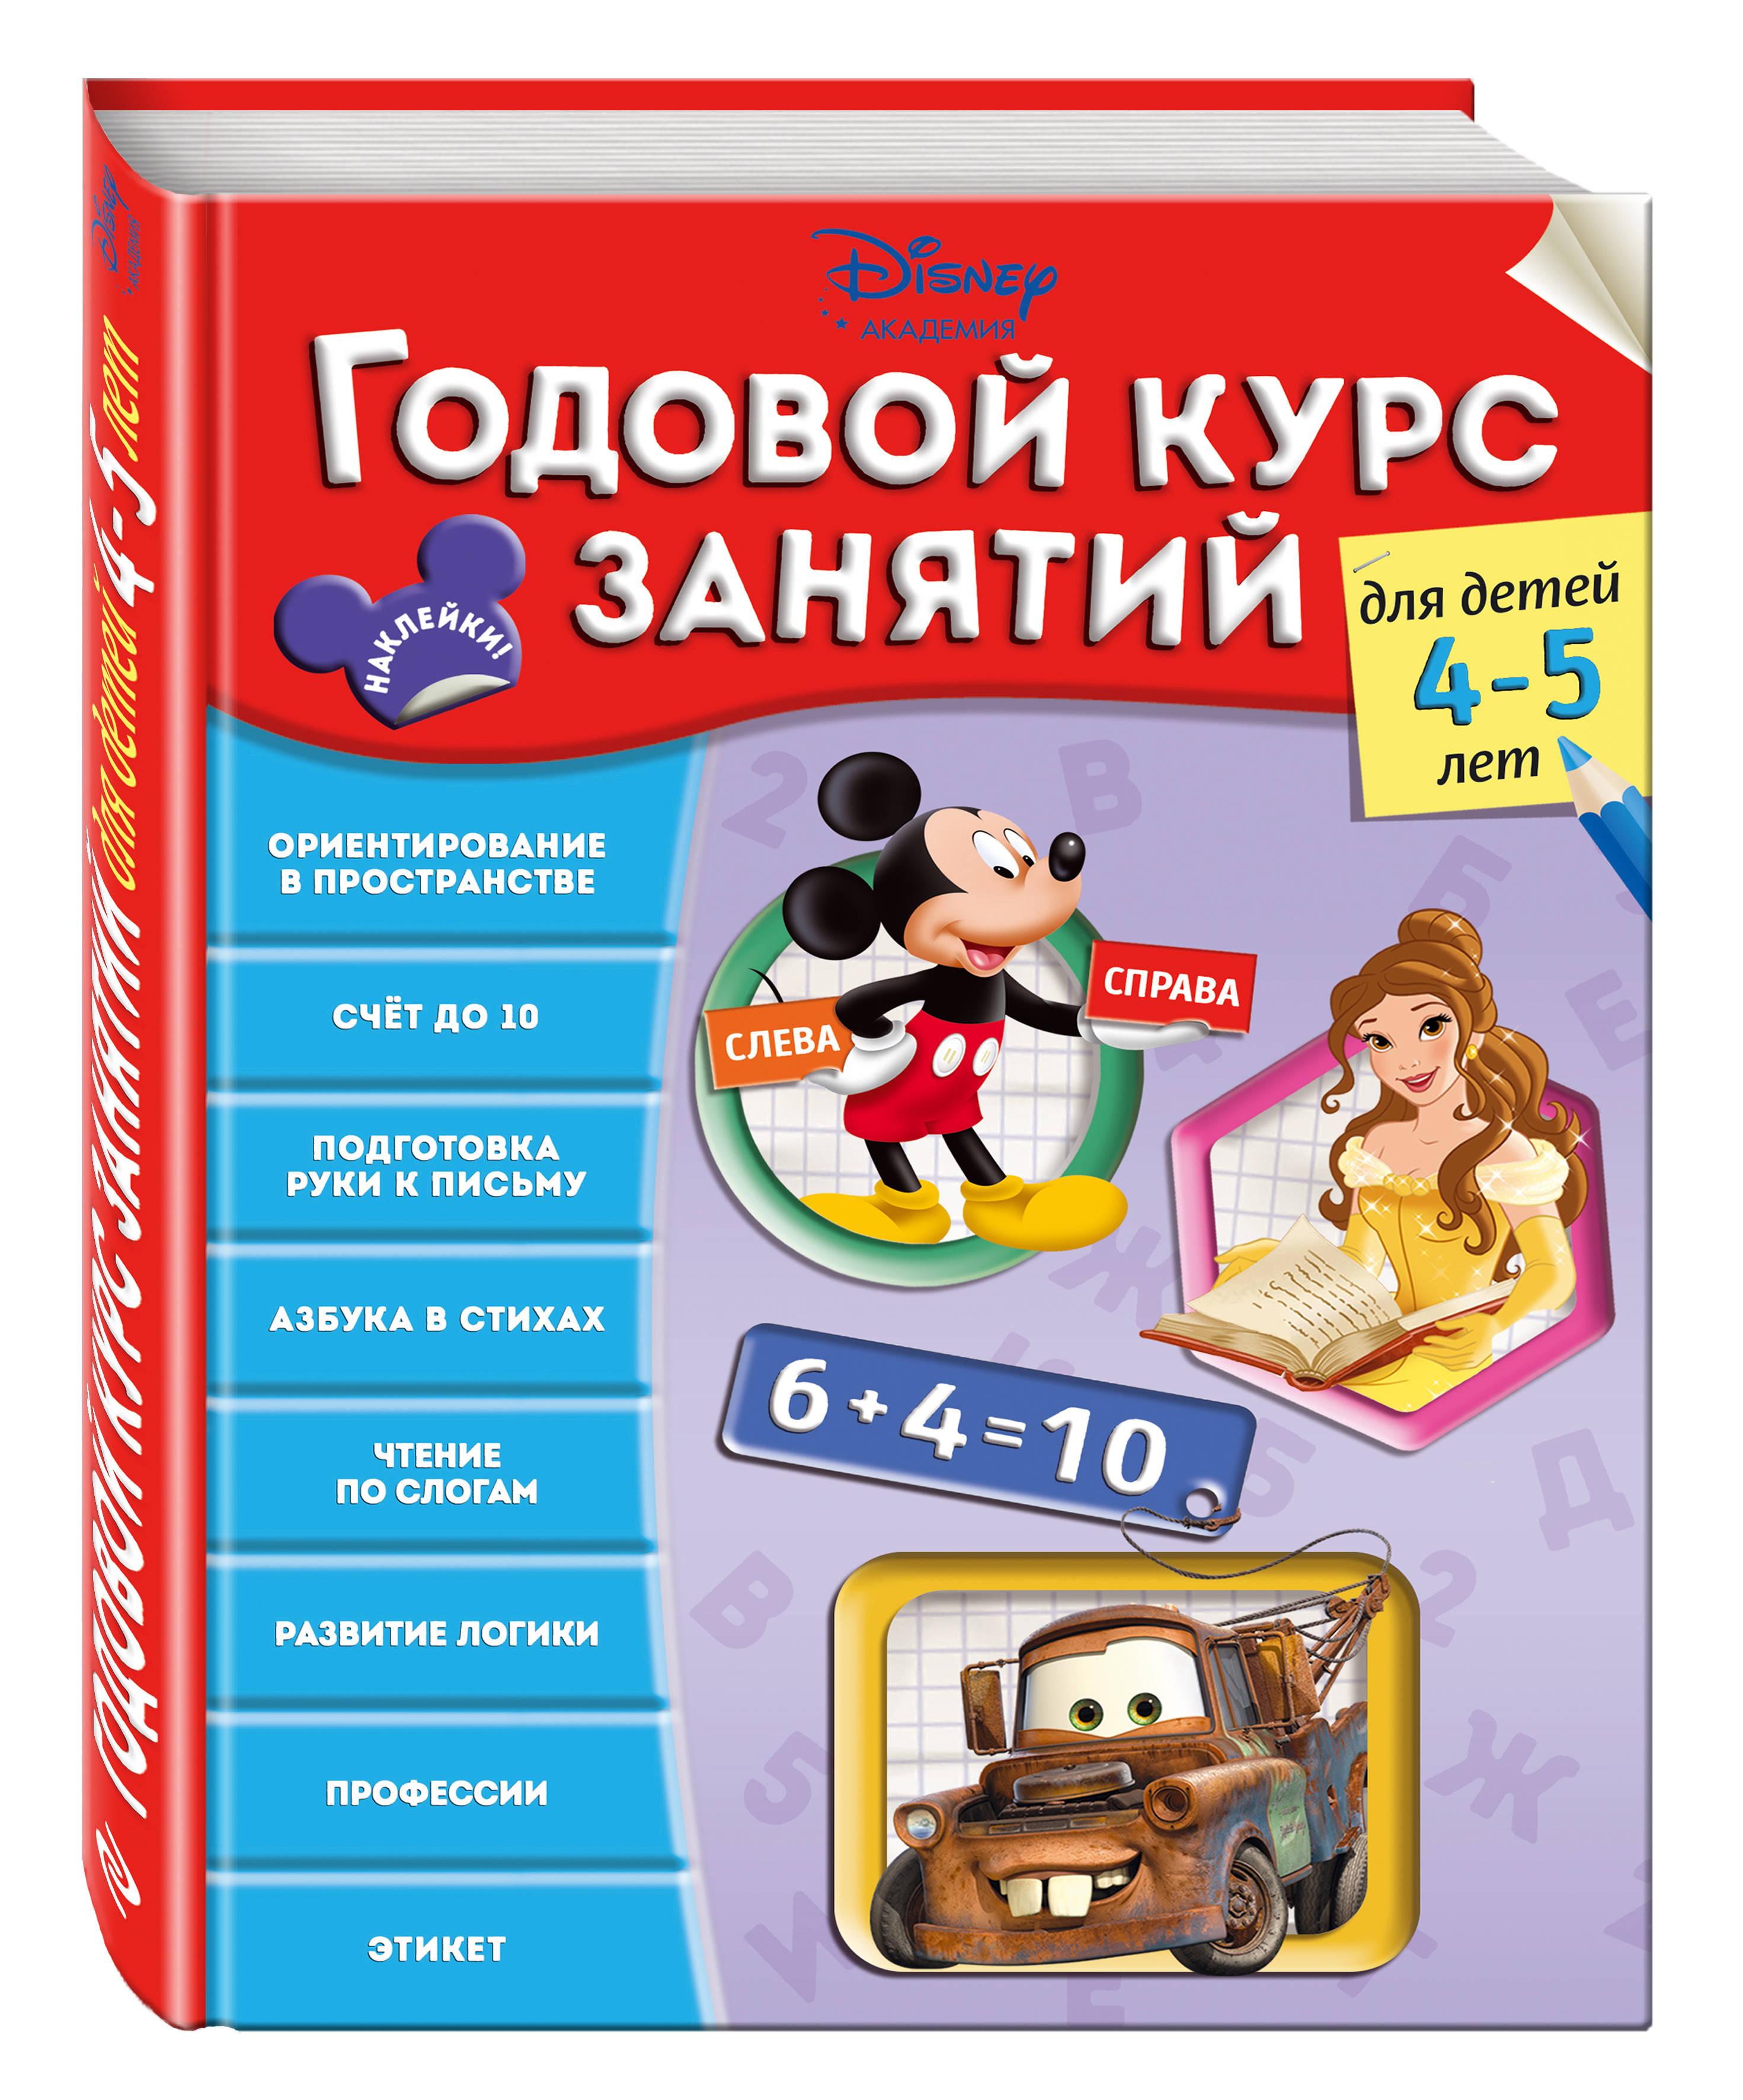 Годовой курс занятий: для детей 4-5 лет чехол m square s141551 iphone